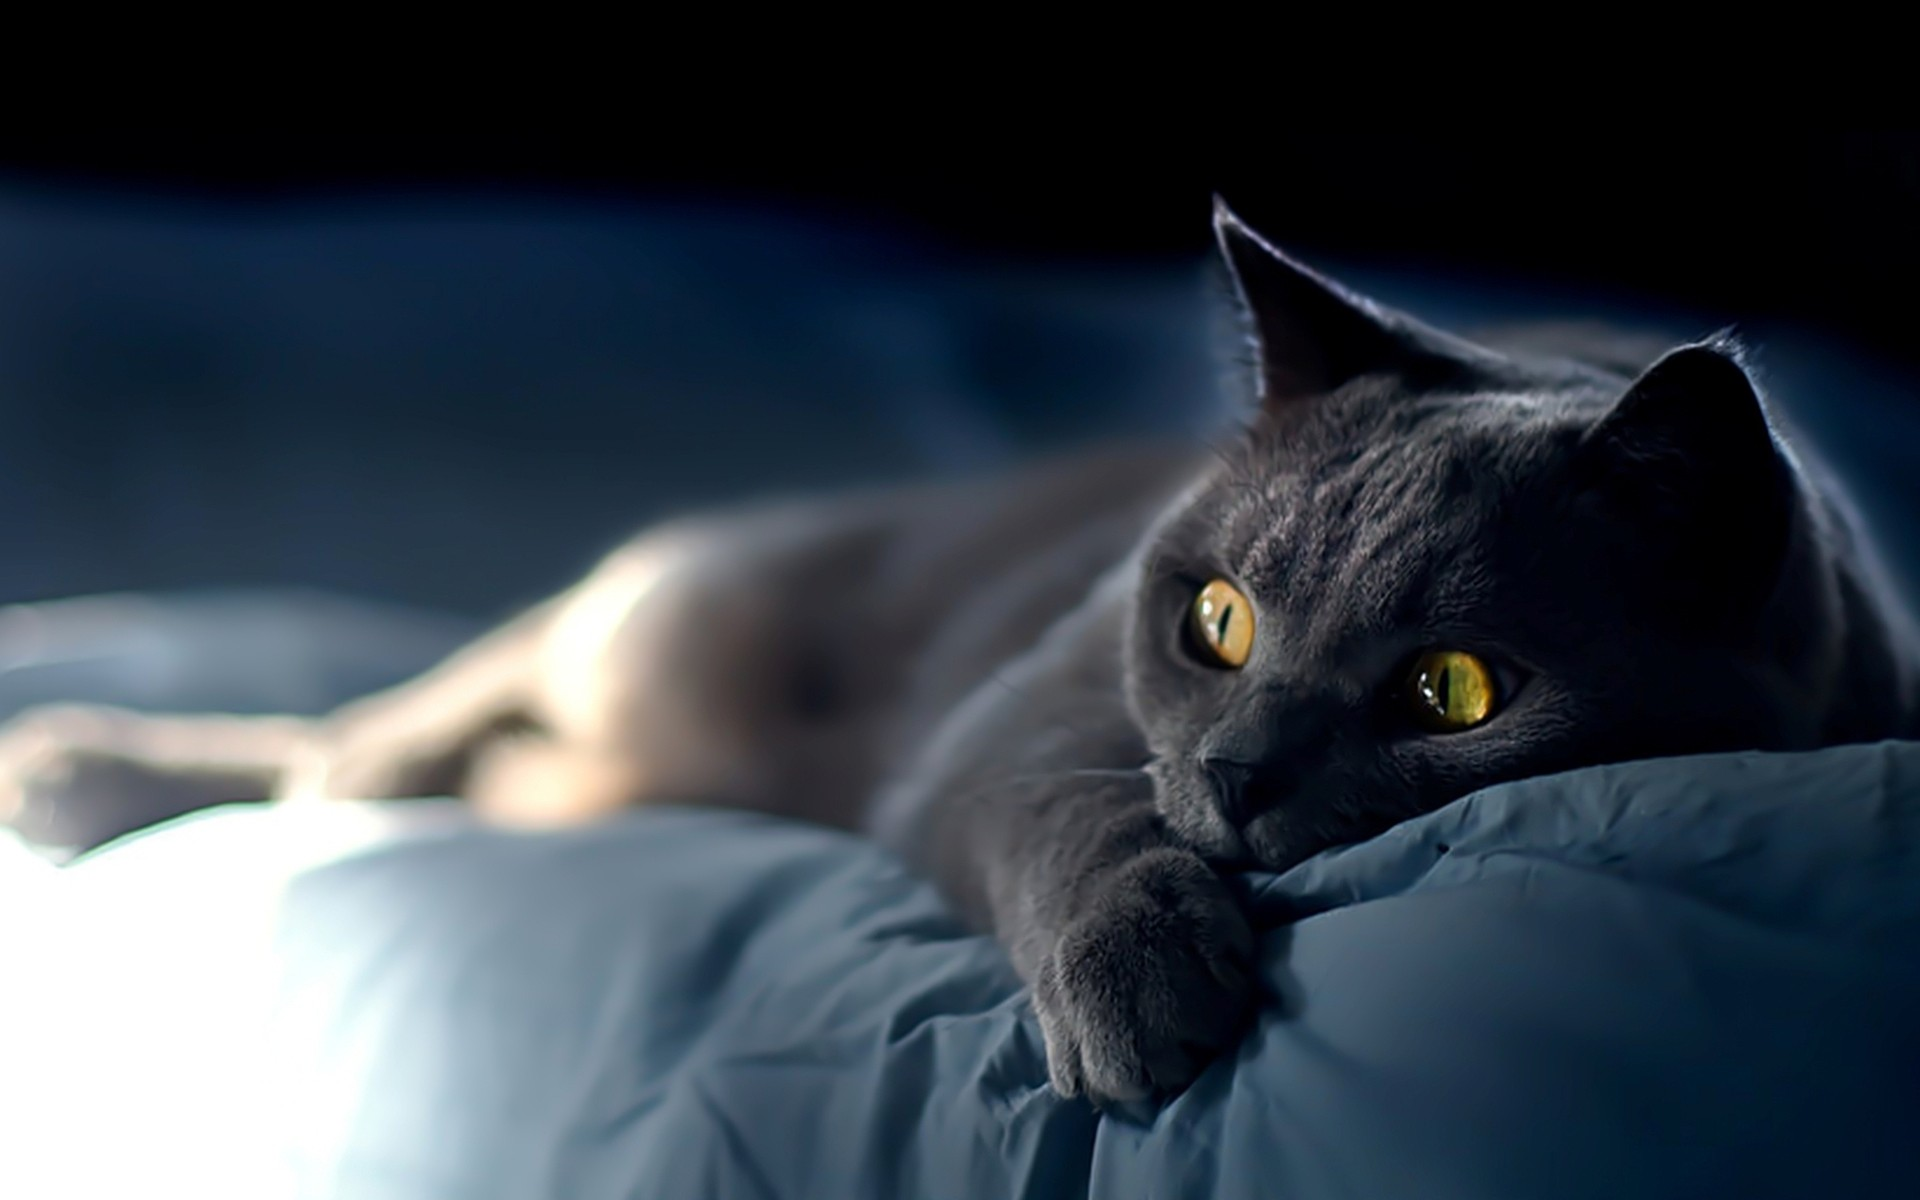 Картинки котов на обои